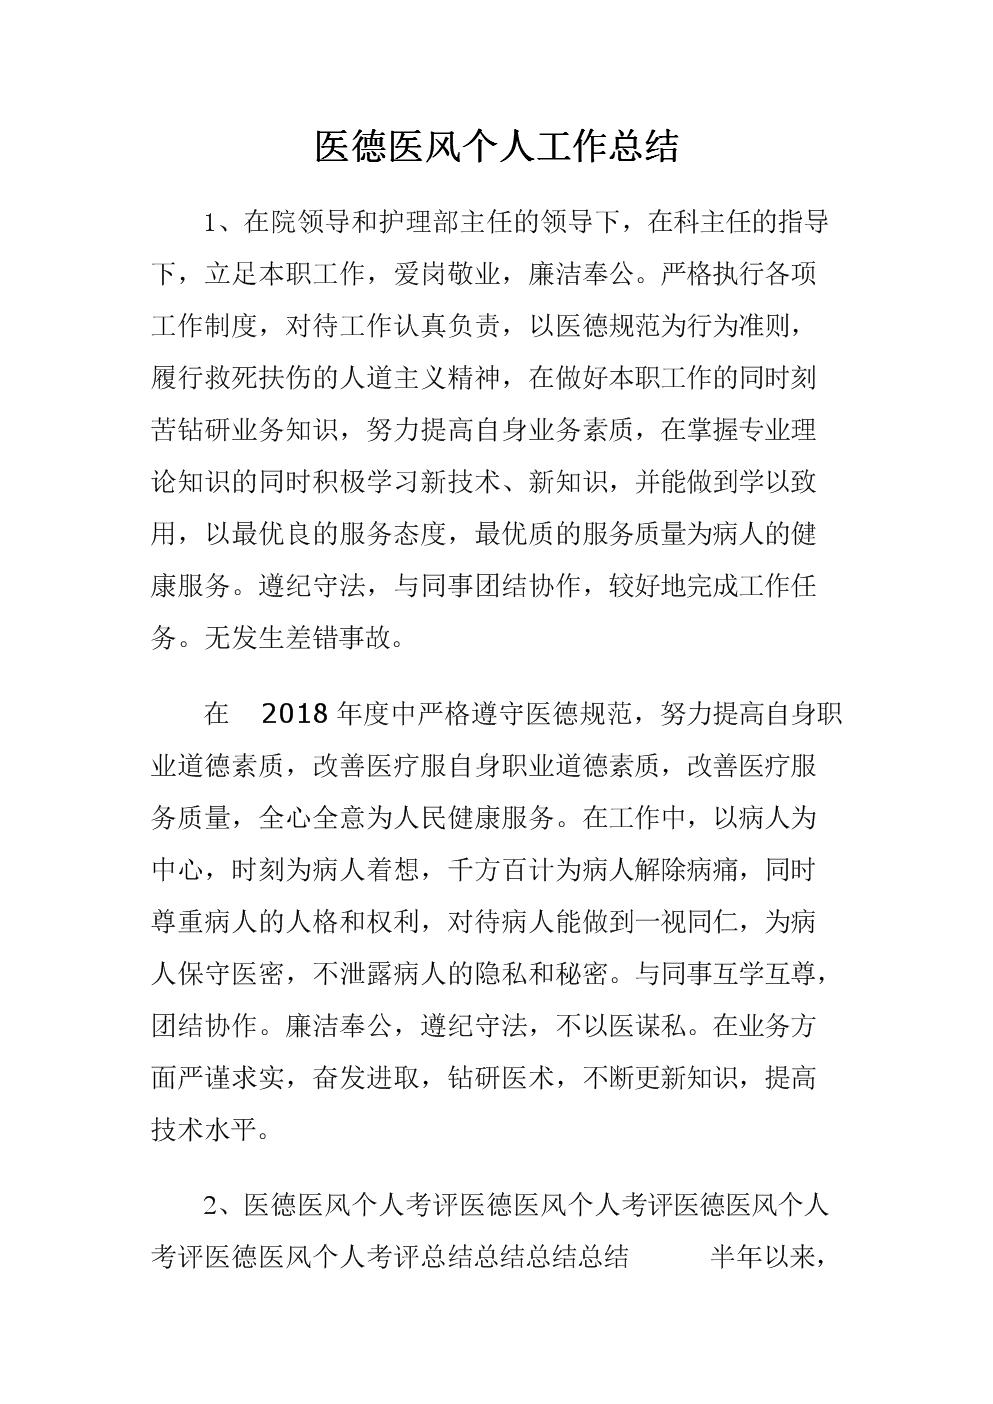 医德医风个人工作总结001.doc